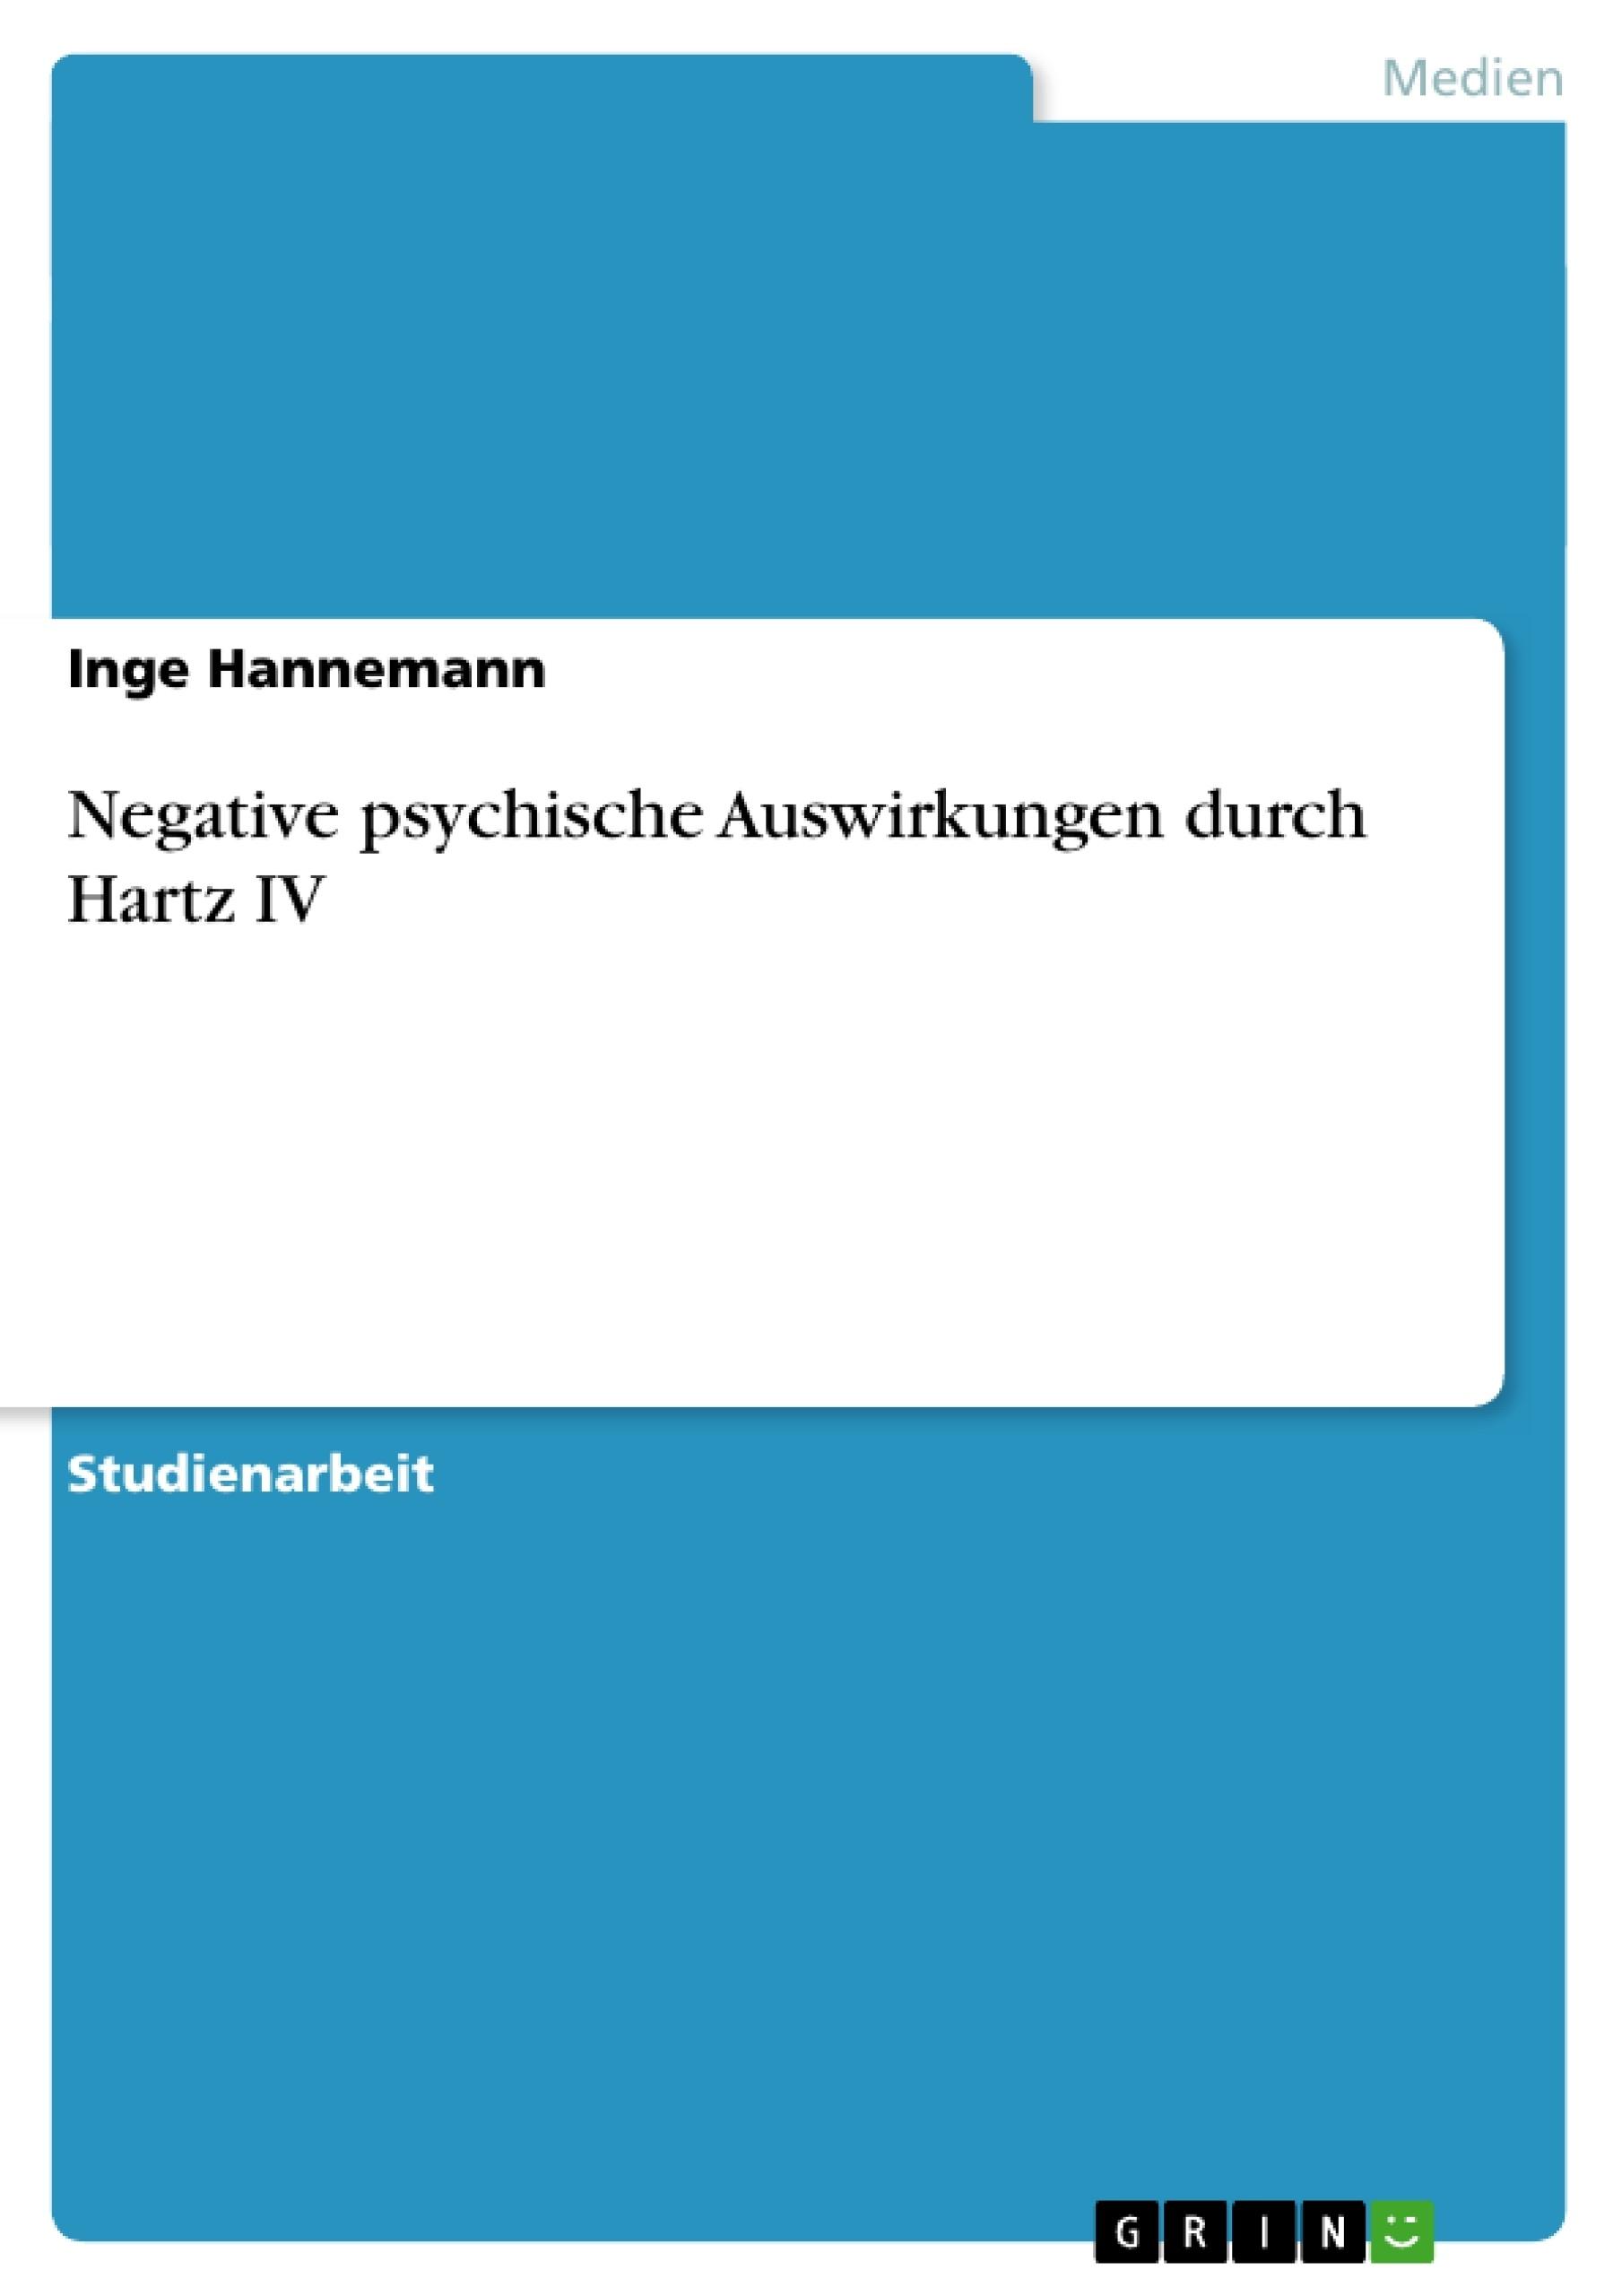 Titel: Negative psychische Auswirkungen durch Hartz IV